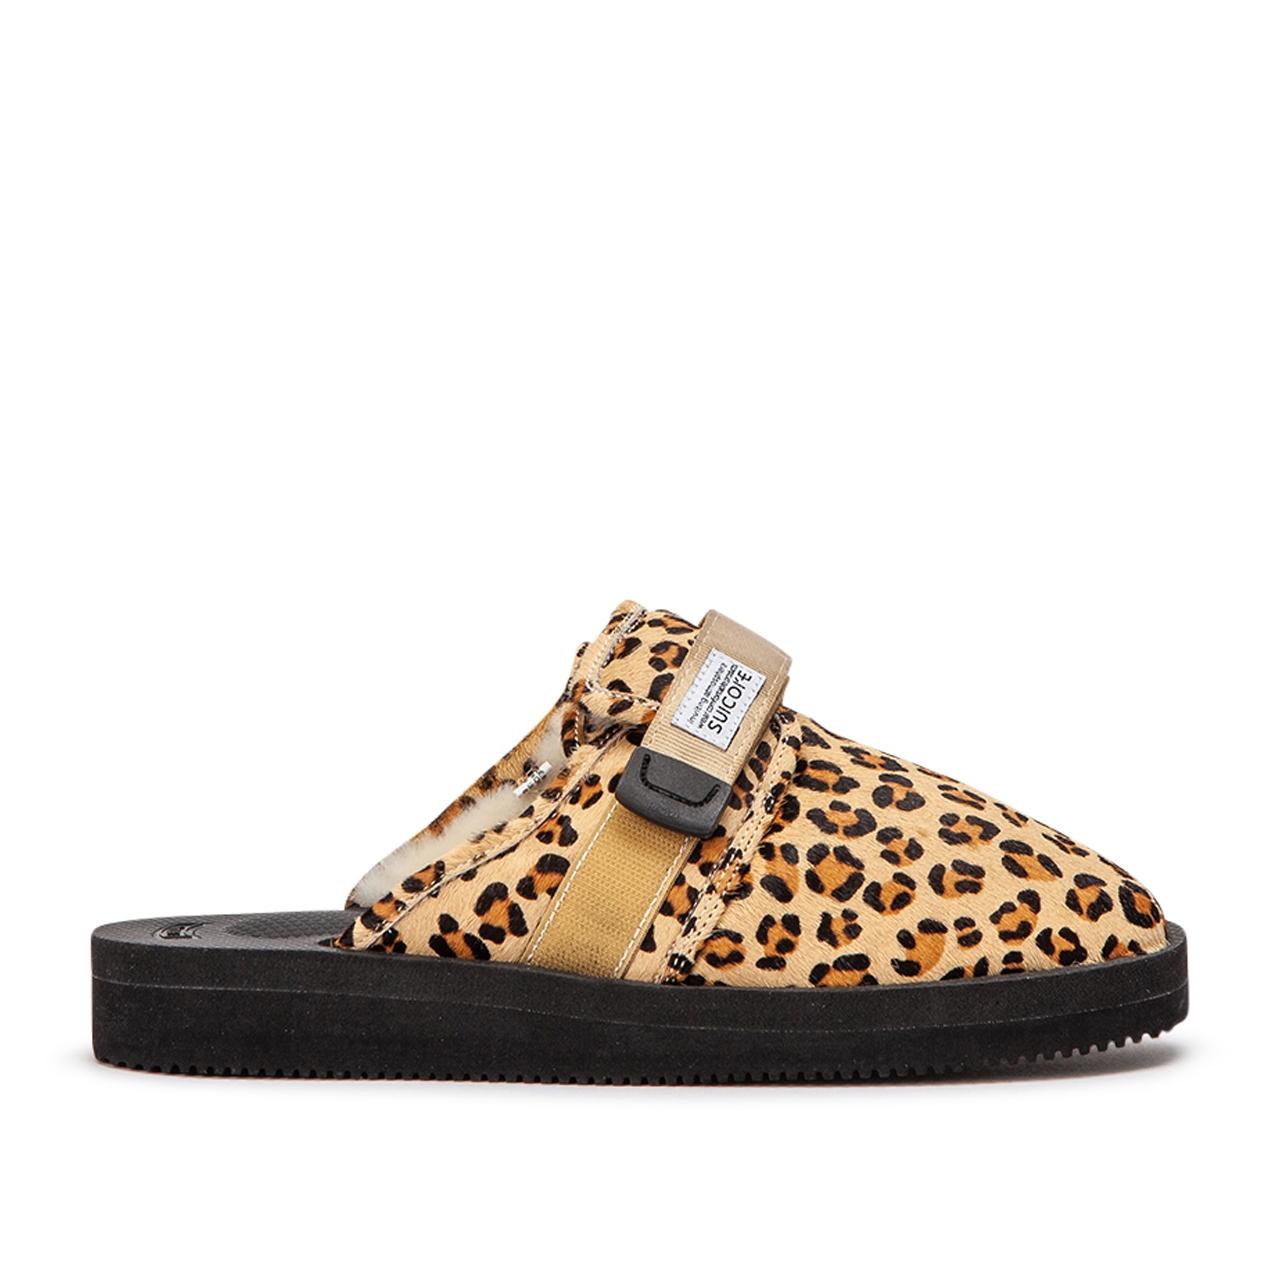 Suicoke Sandals Zavo-VHL (Leopard) - OG-072VHL-ZAVO-VHL-007